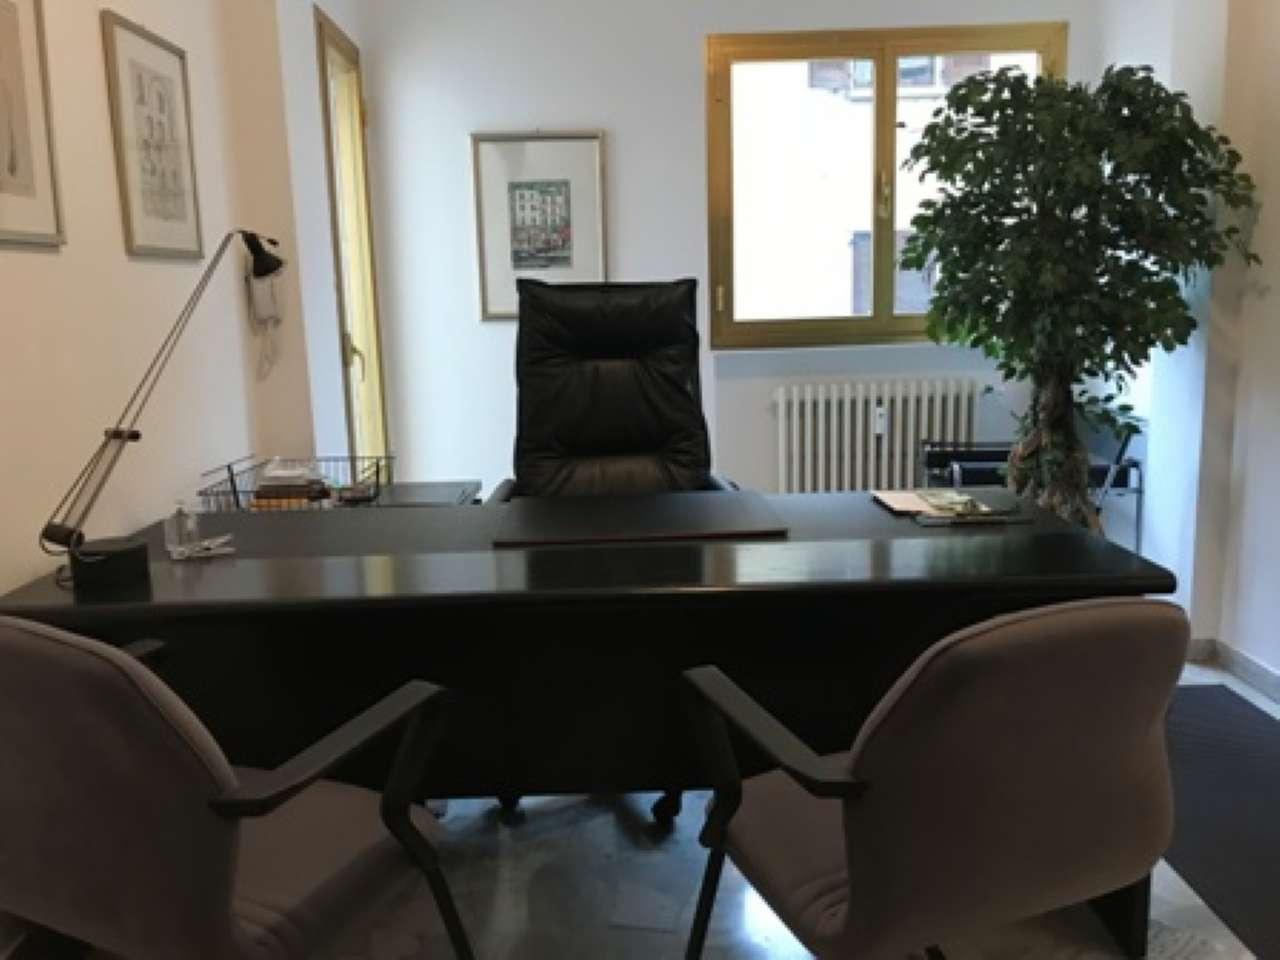 Ufficio / Studio in affitto a Melzo, 2 locali, prezzo € 700 | CambioCasa.it